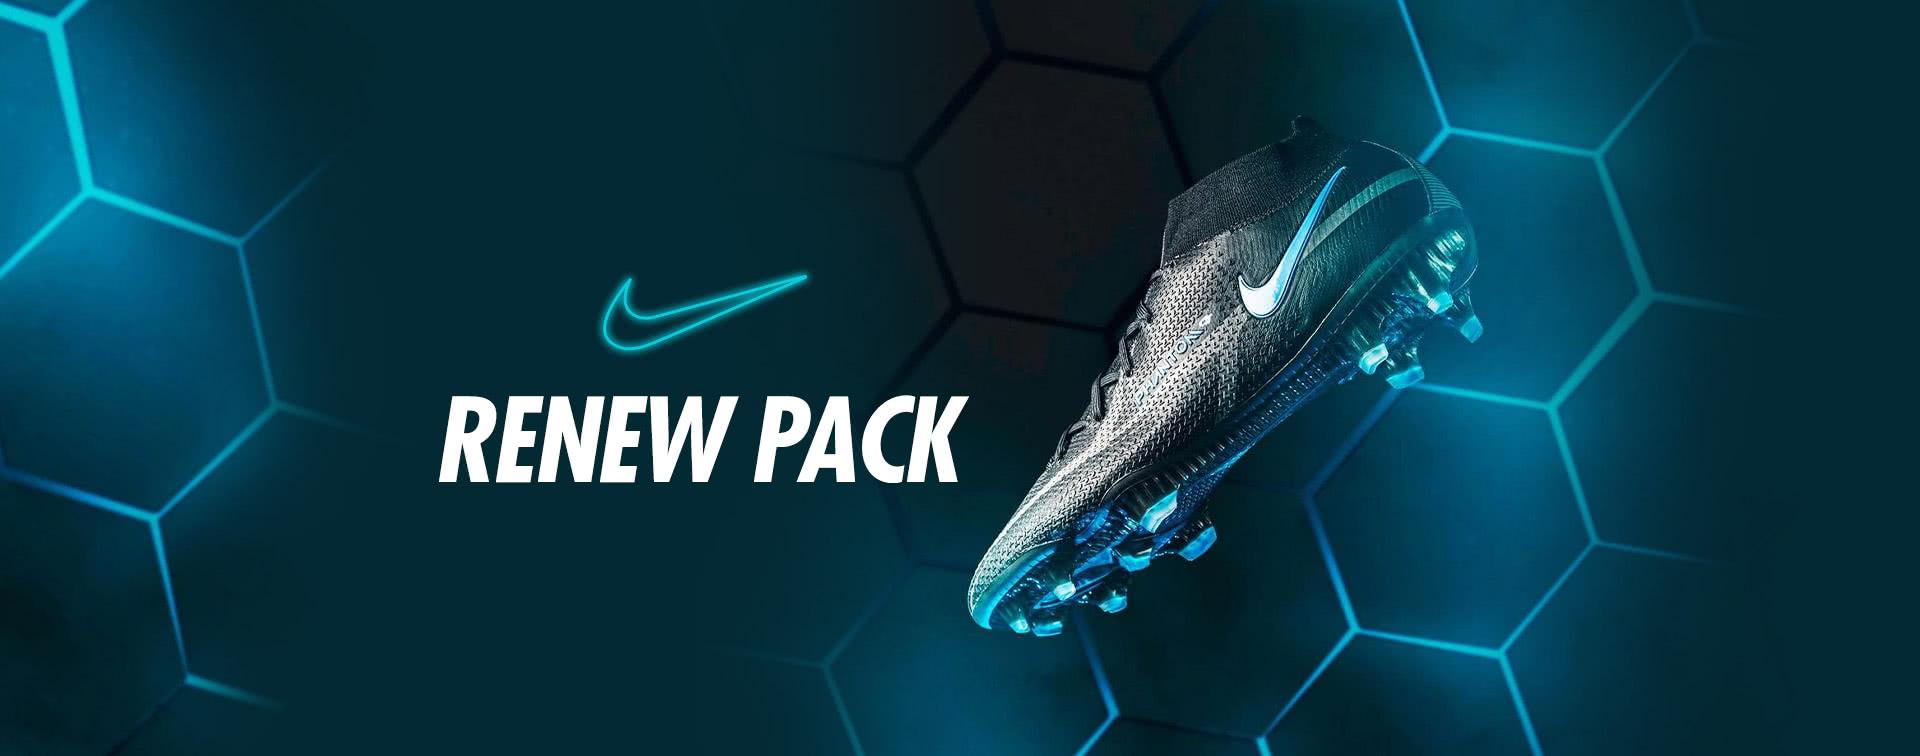 Nike renew Pack